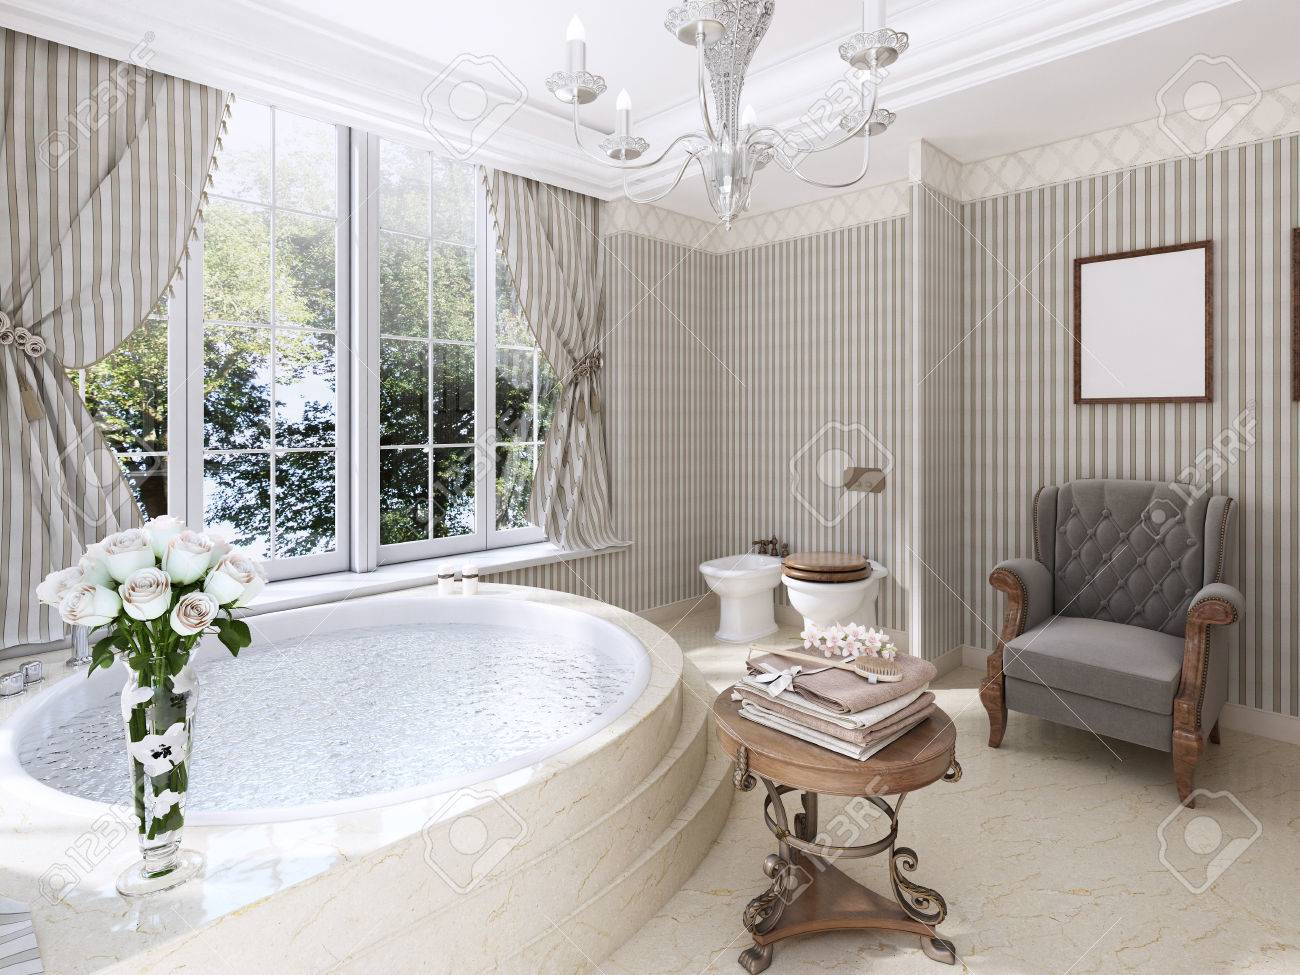 Grande Baignoire Ronde Dans La Salle De Bains Dans Un Style ...